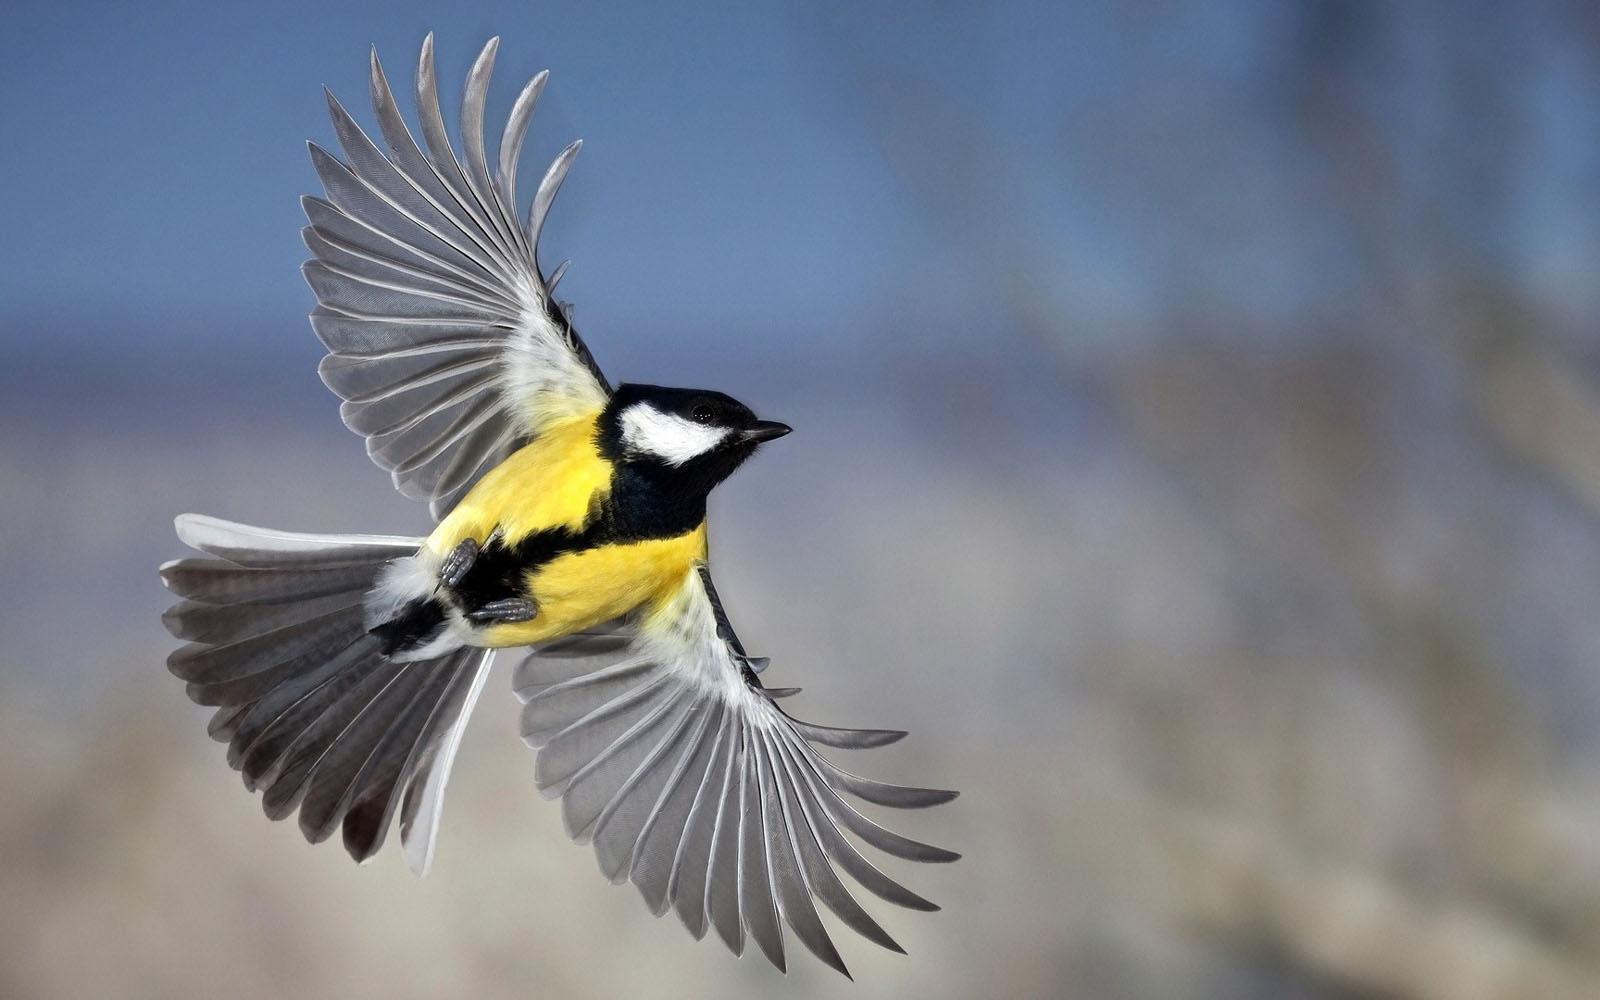 wallpapers: Birds Wallpapers for Desktop